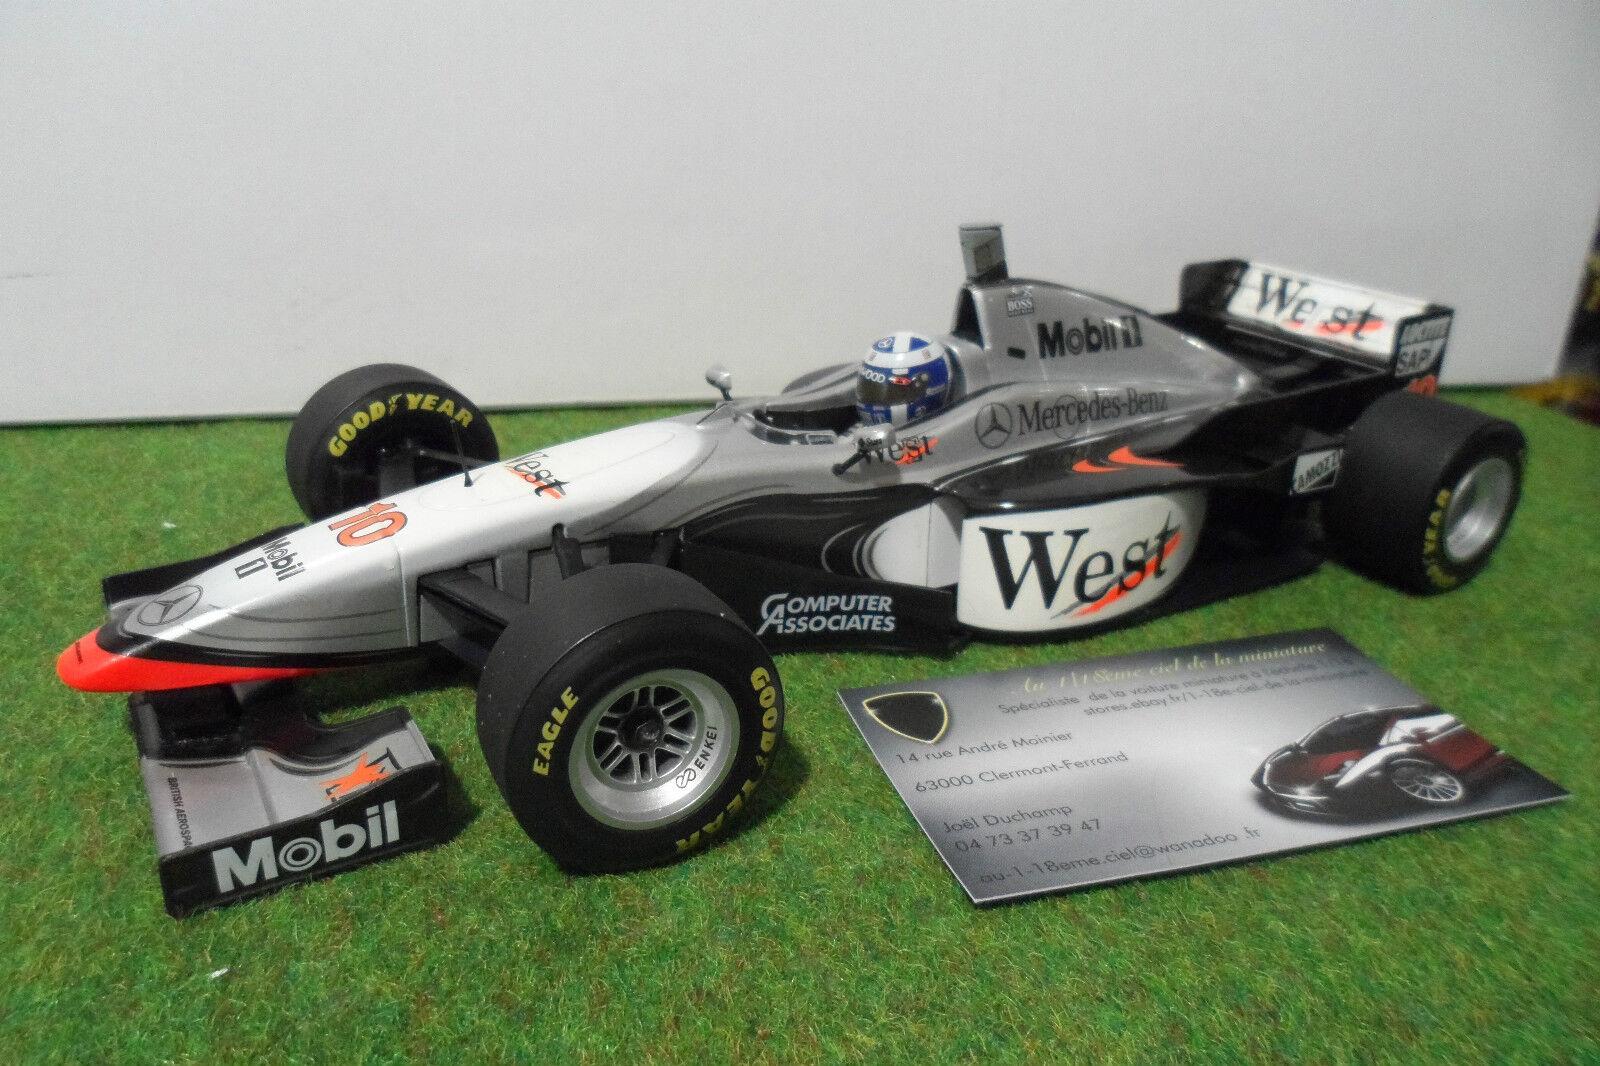 F1 McLaren MERCEDES MP4 12 de 1997 COULTHARD 1 18 MINICHAMPS voiture formule 1